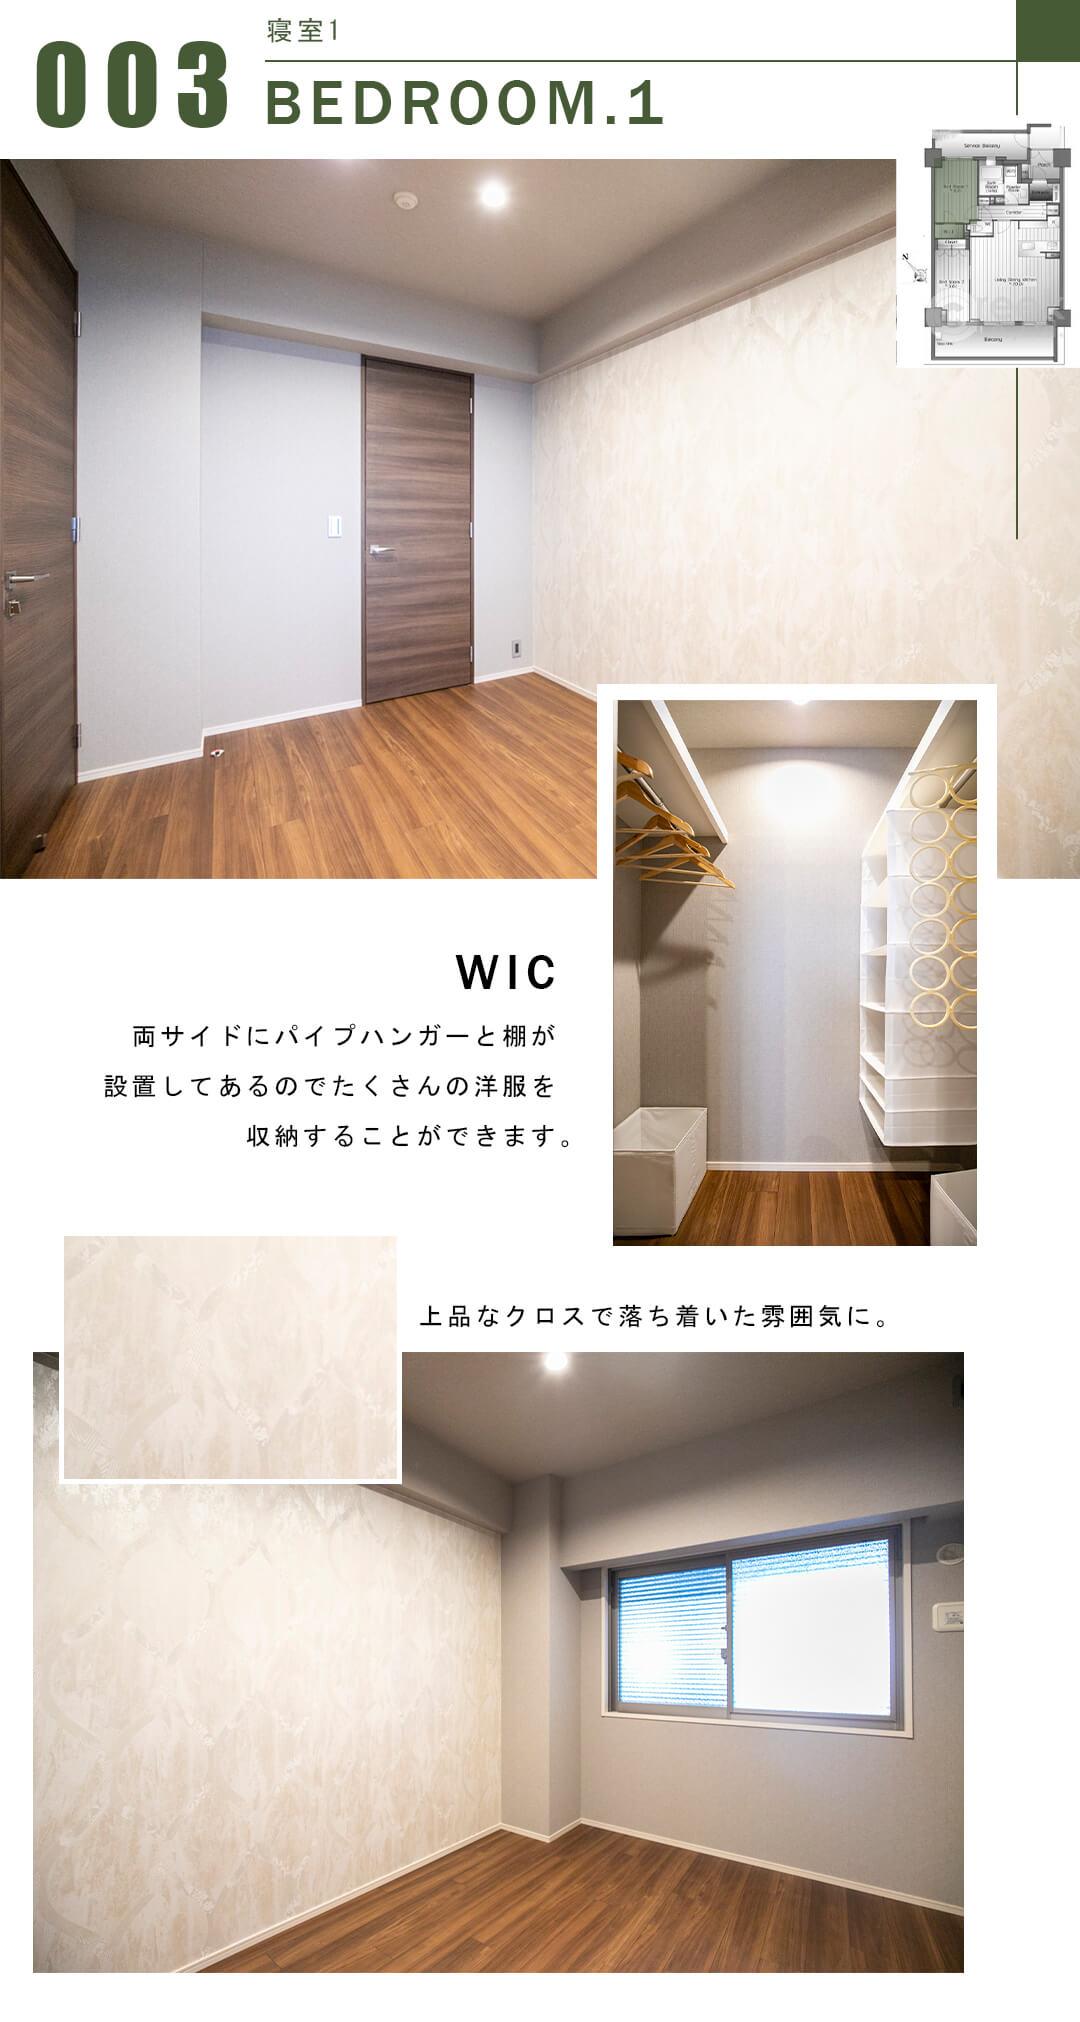 003寝室1,ROOM.1